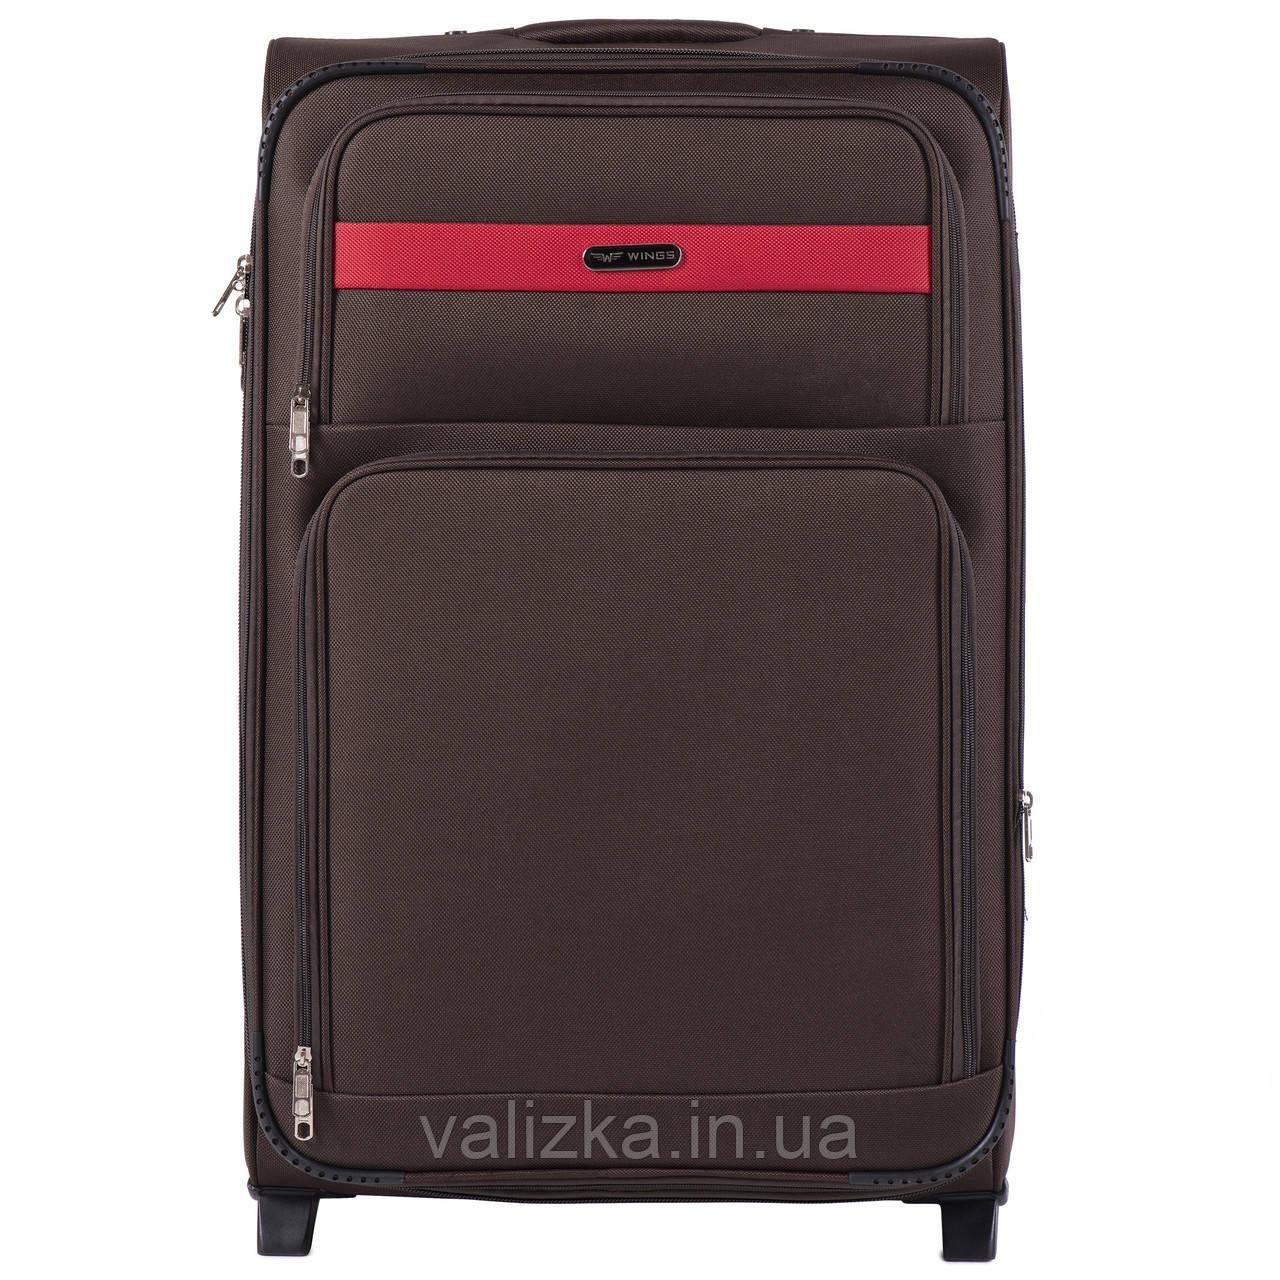 Великий текстильний валізу кавовий на 2-х колесах Wings 1605